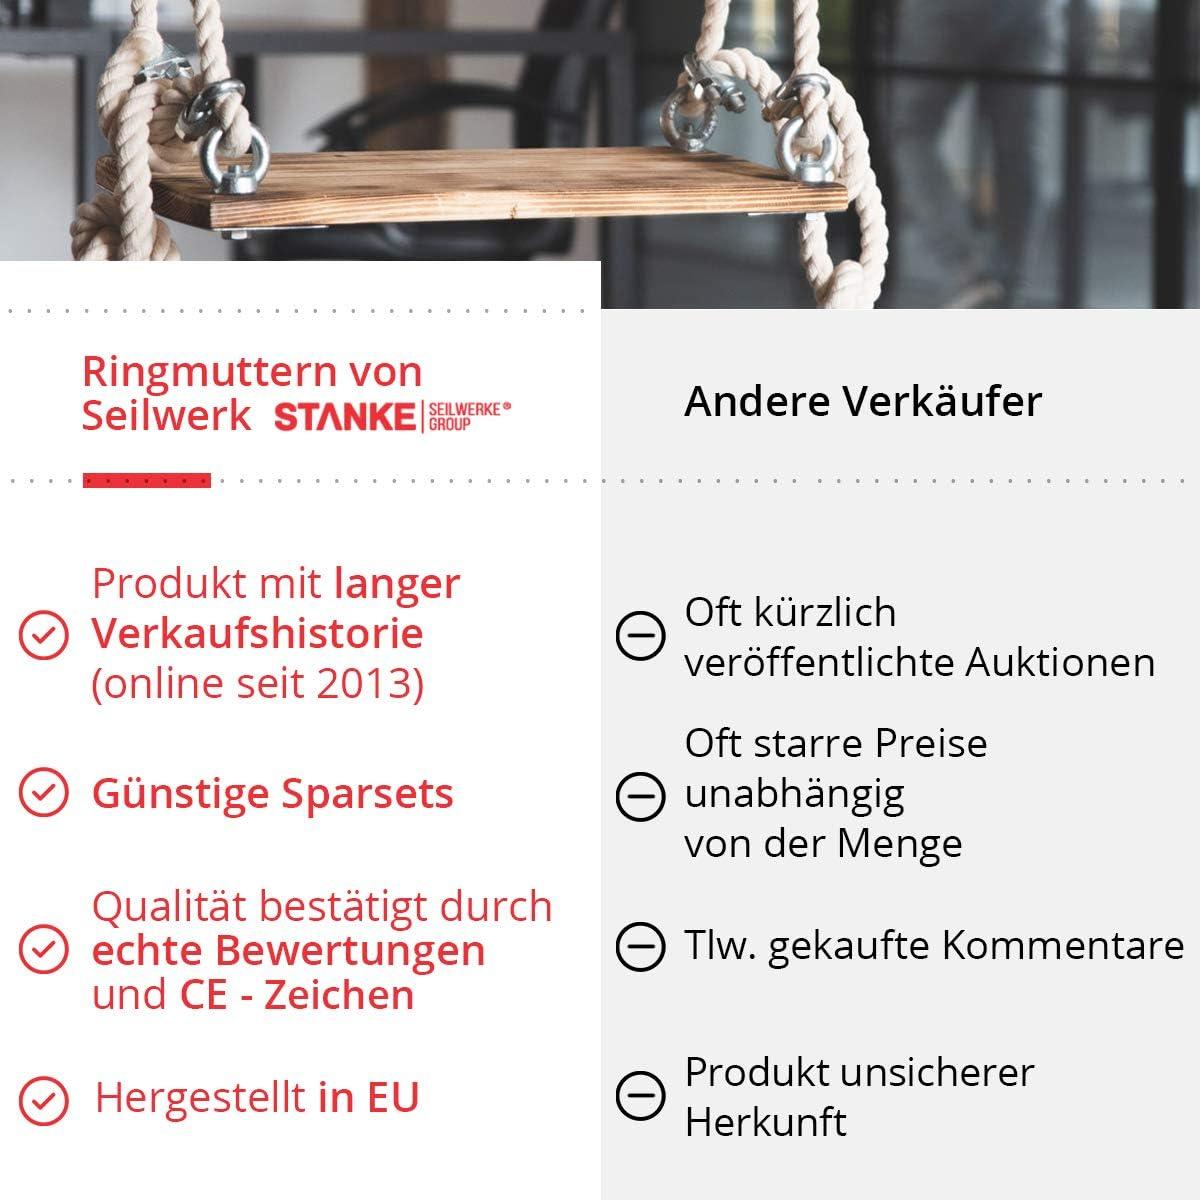 Seilwerk STANKE 25x /Écrou /à /Œil M8 /Écrous /à Anneau 8 mm /Écrou /à /Œil Zingu/é